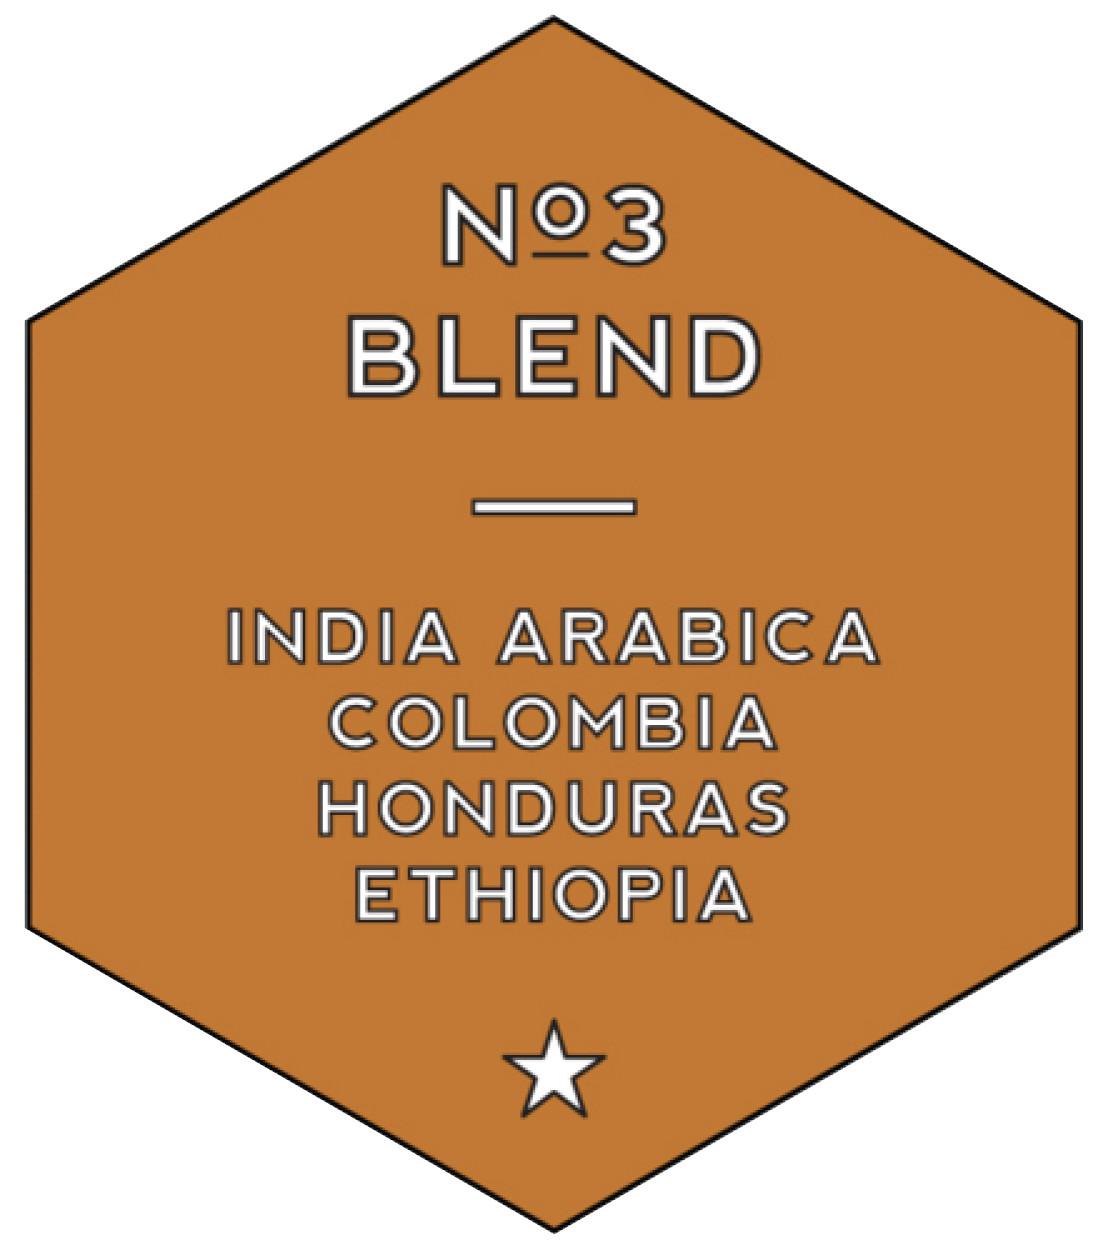 BLEND No 3